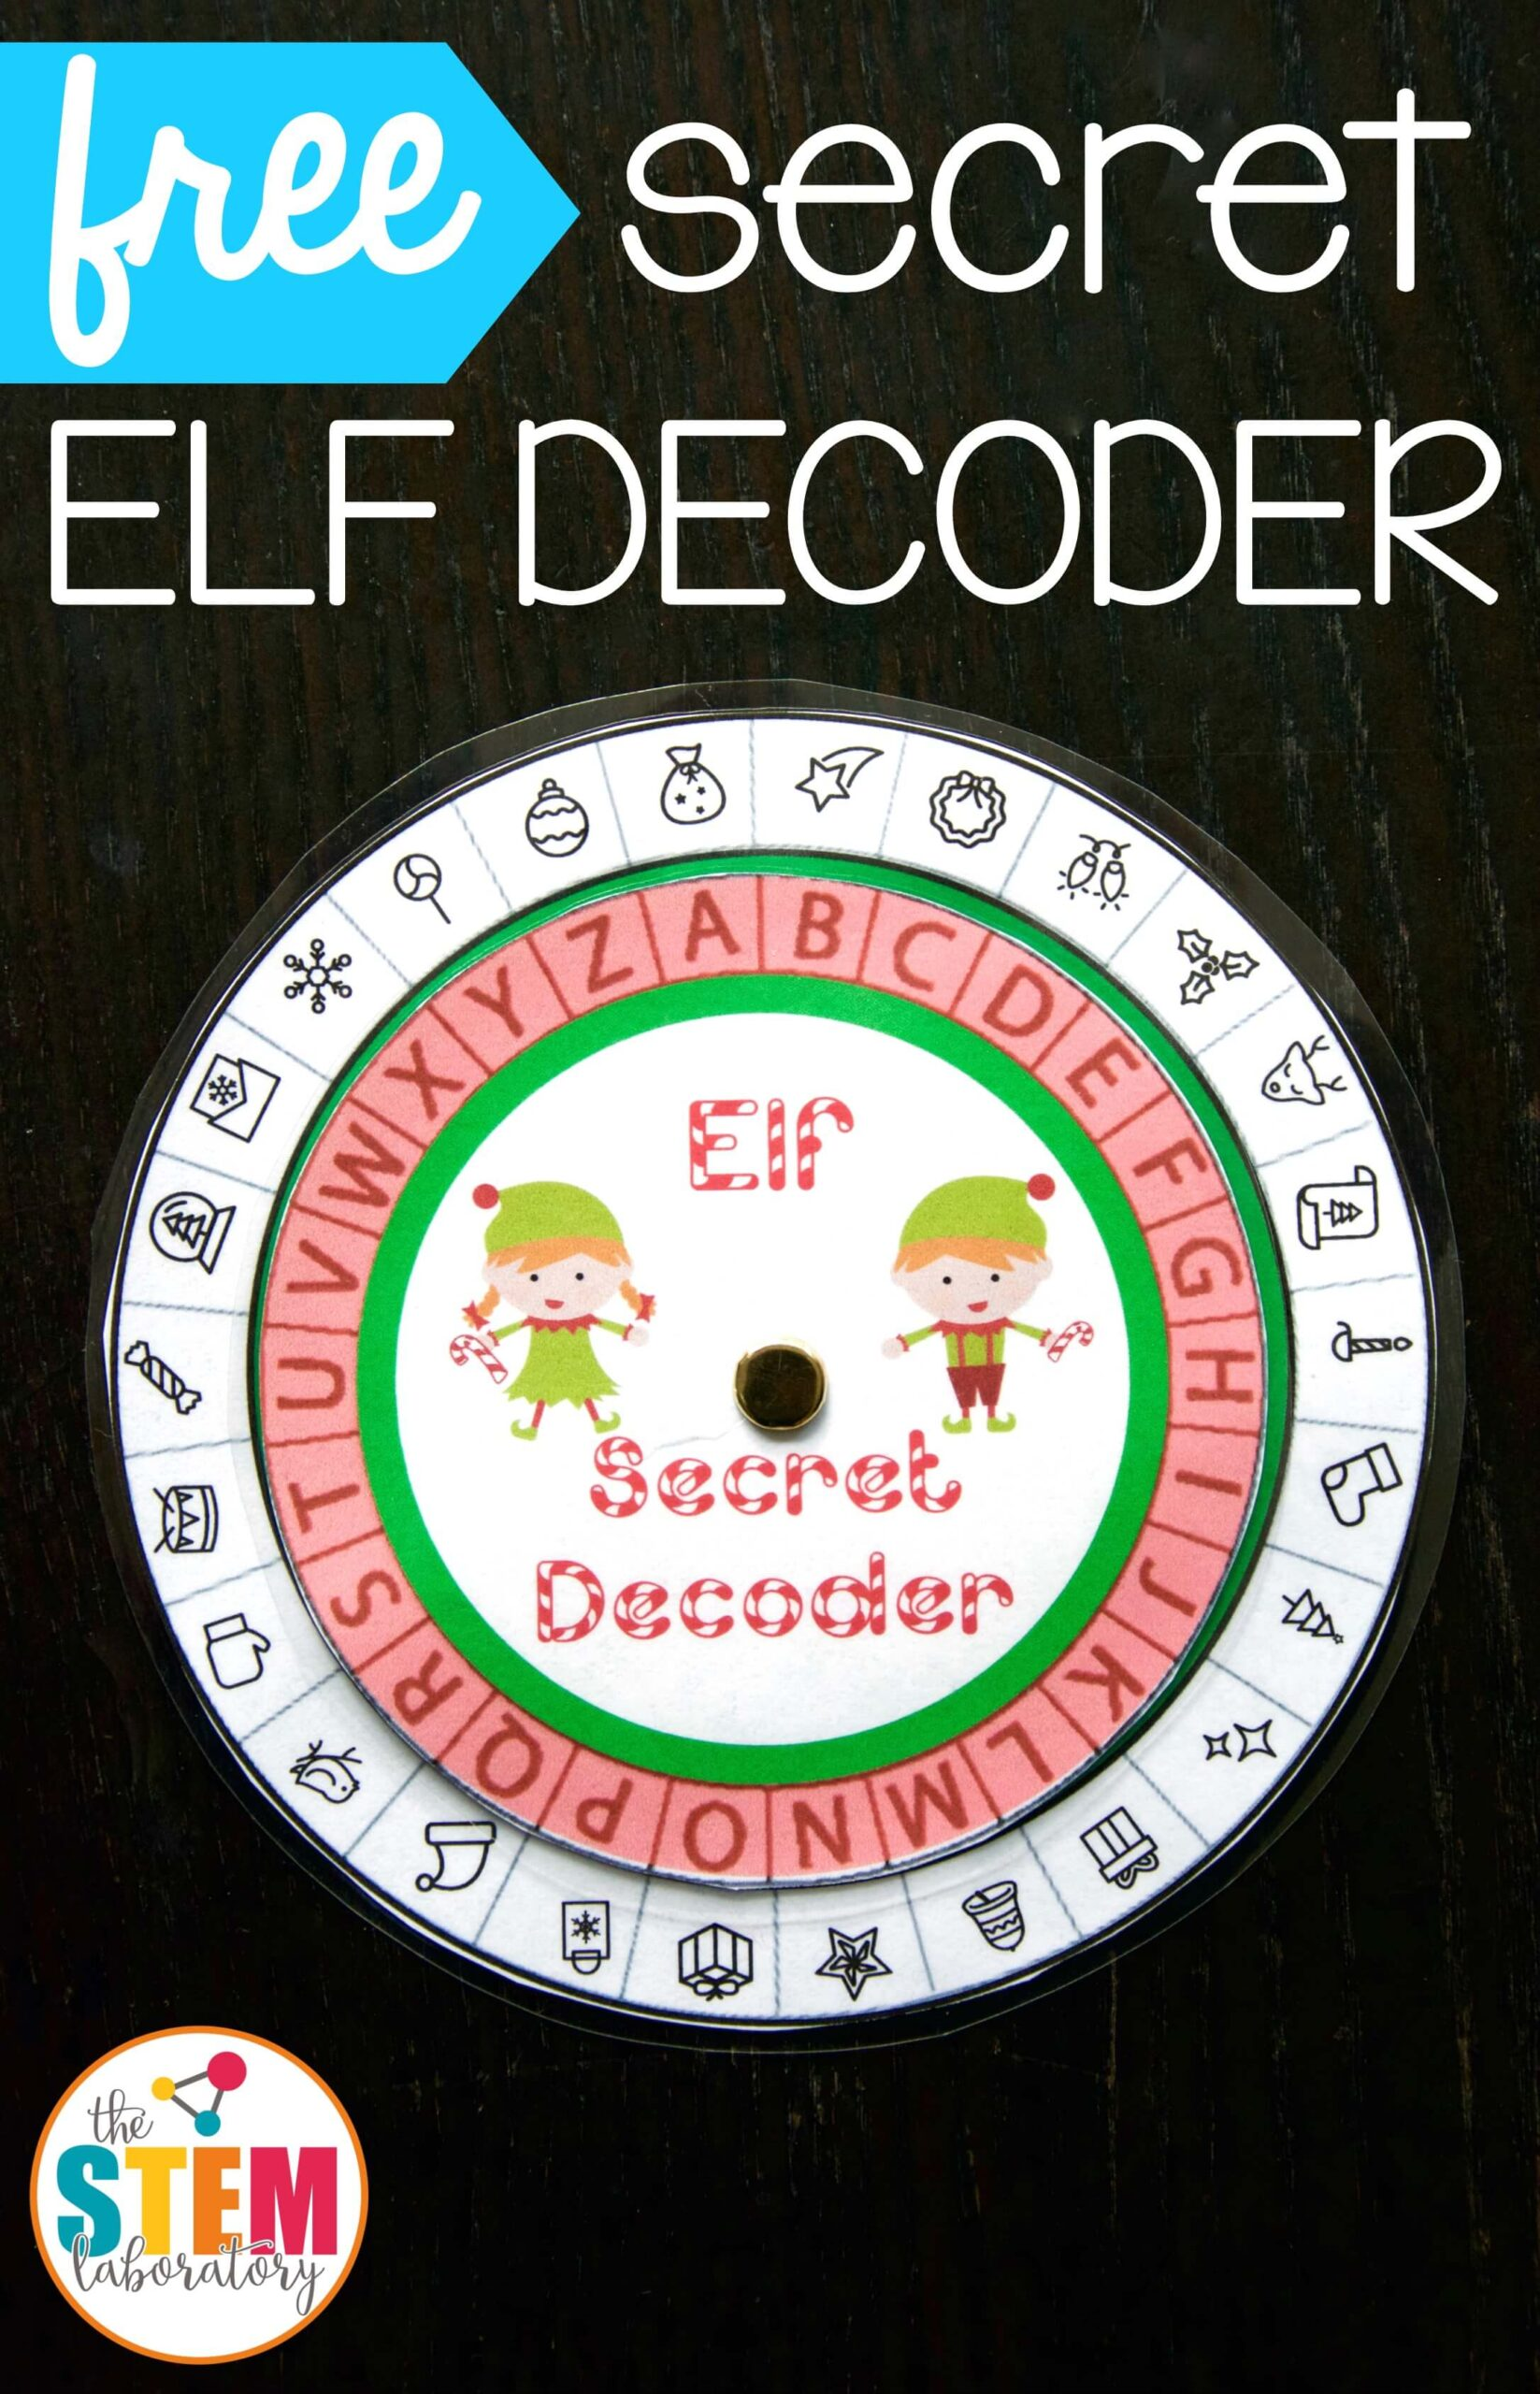 Elf Secret Message Decoder